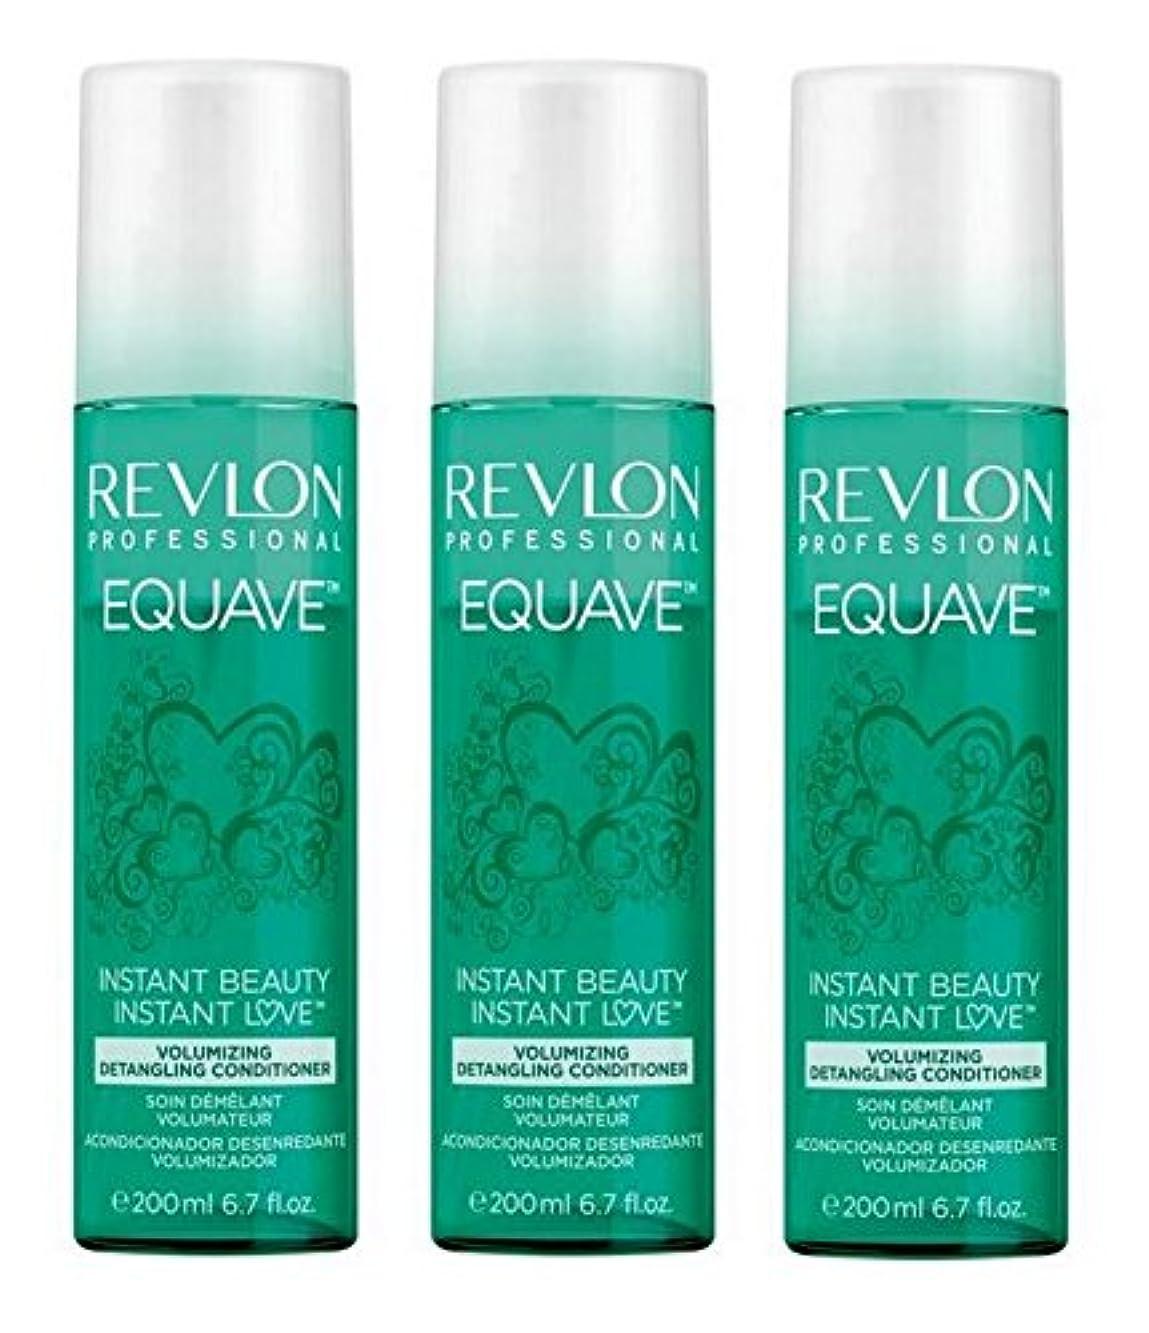 角度用量引き受けるRevlon Equave Volumizingデタングルコンディショナー3 x 200 ml